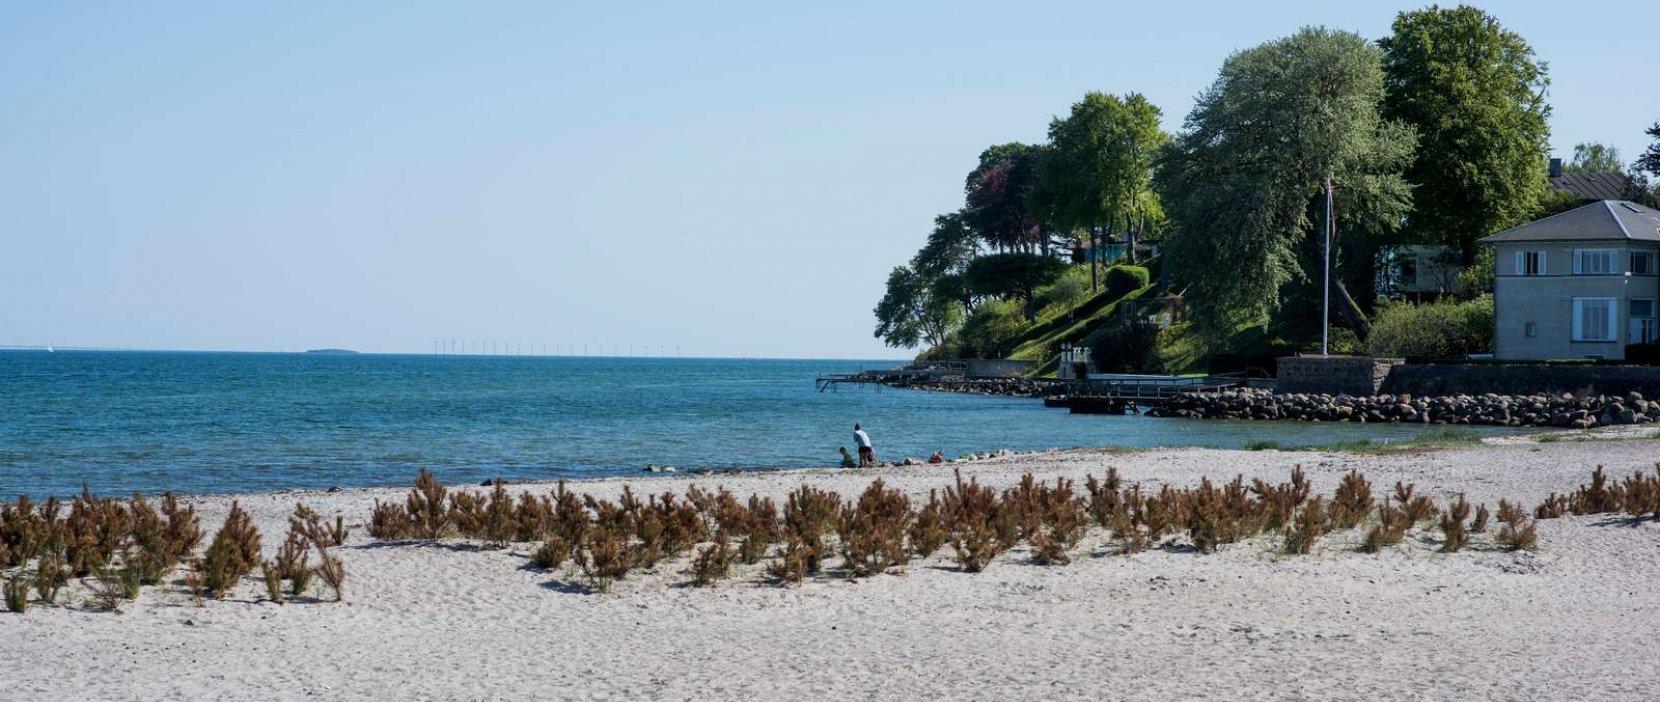 Vedbæk Strandpark - sydstranden